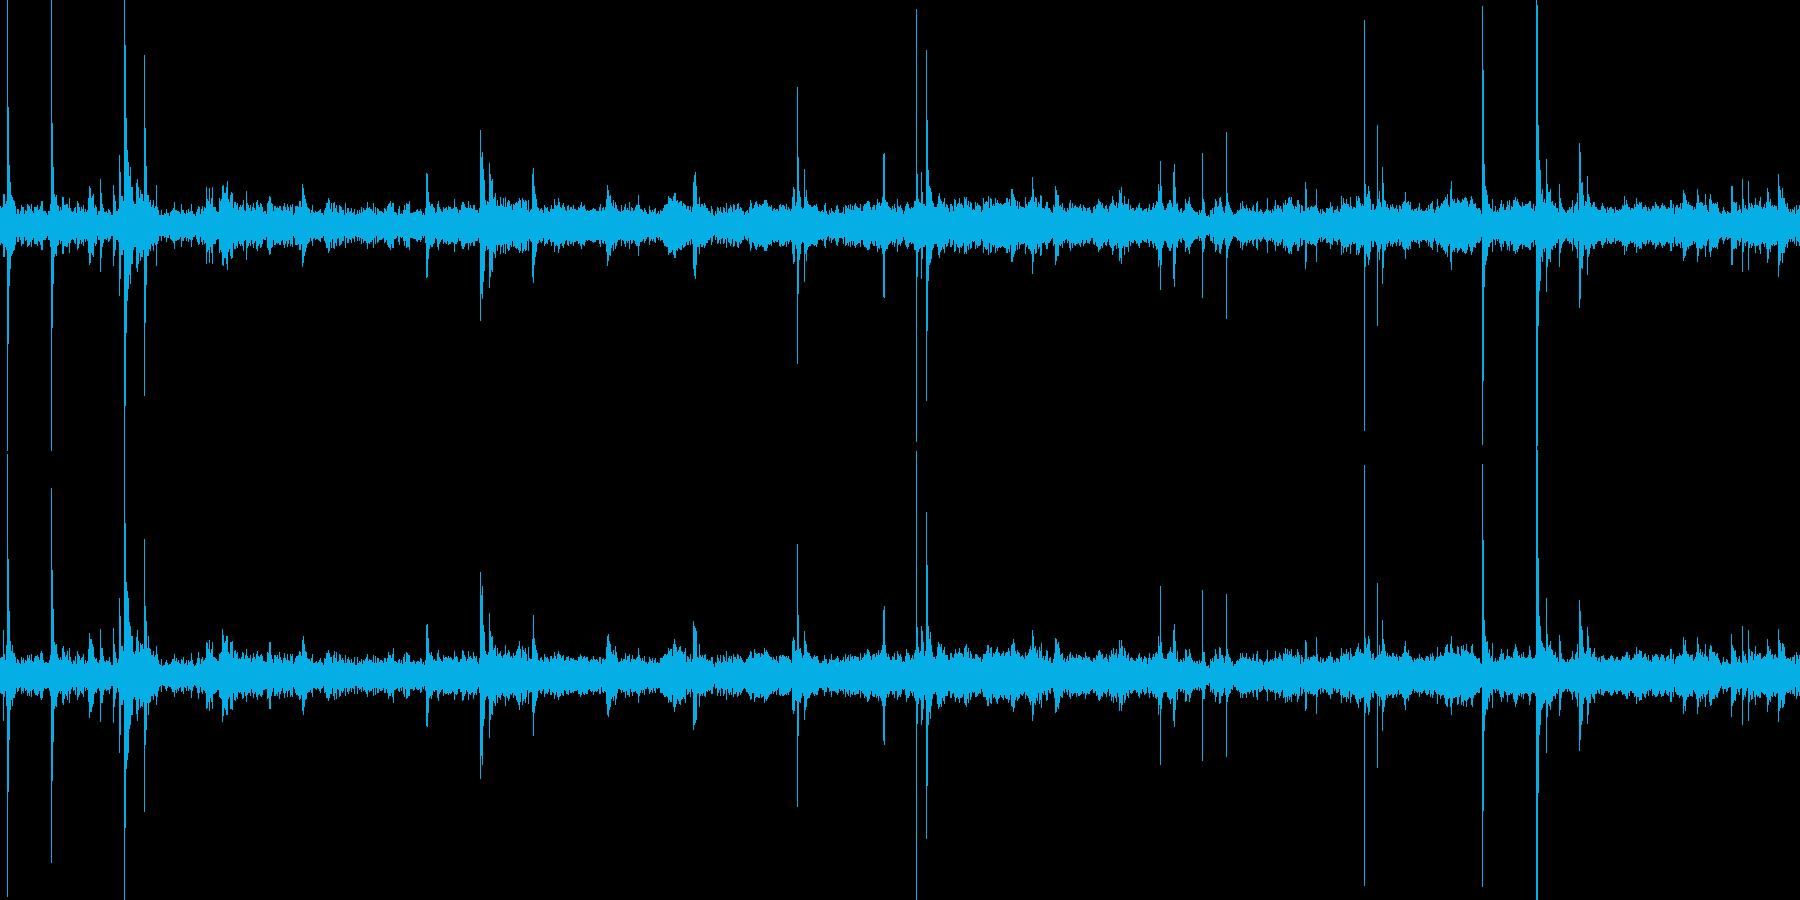 ビリヤード場(環境音)の再生済みの波形